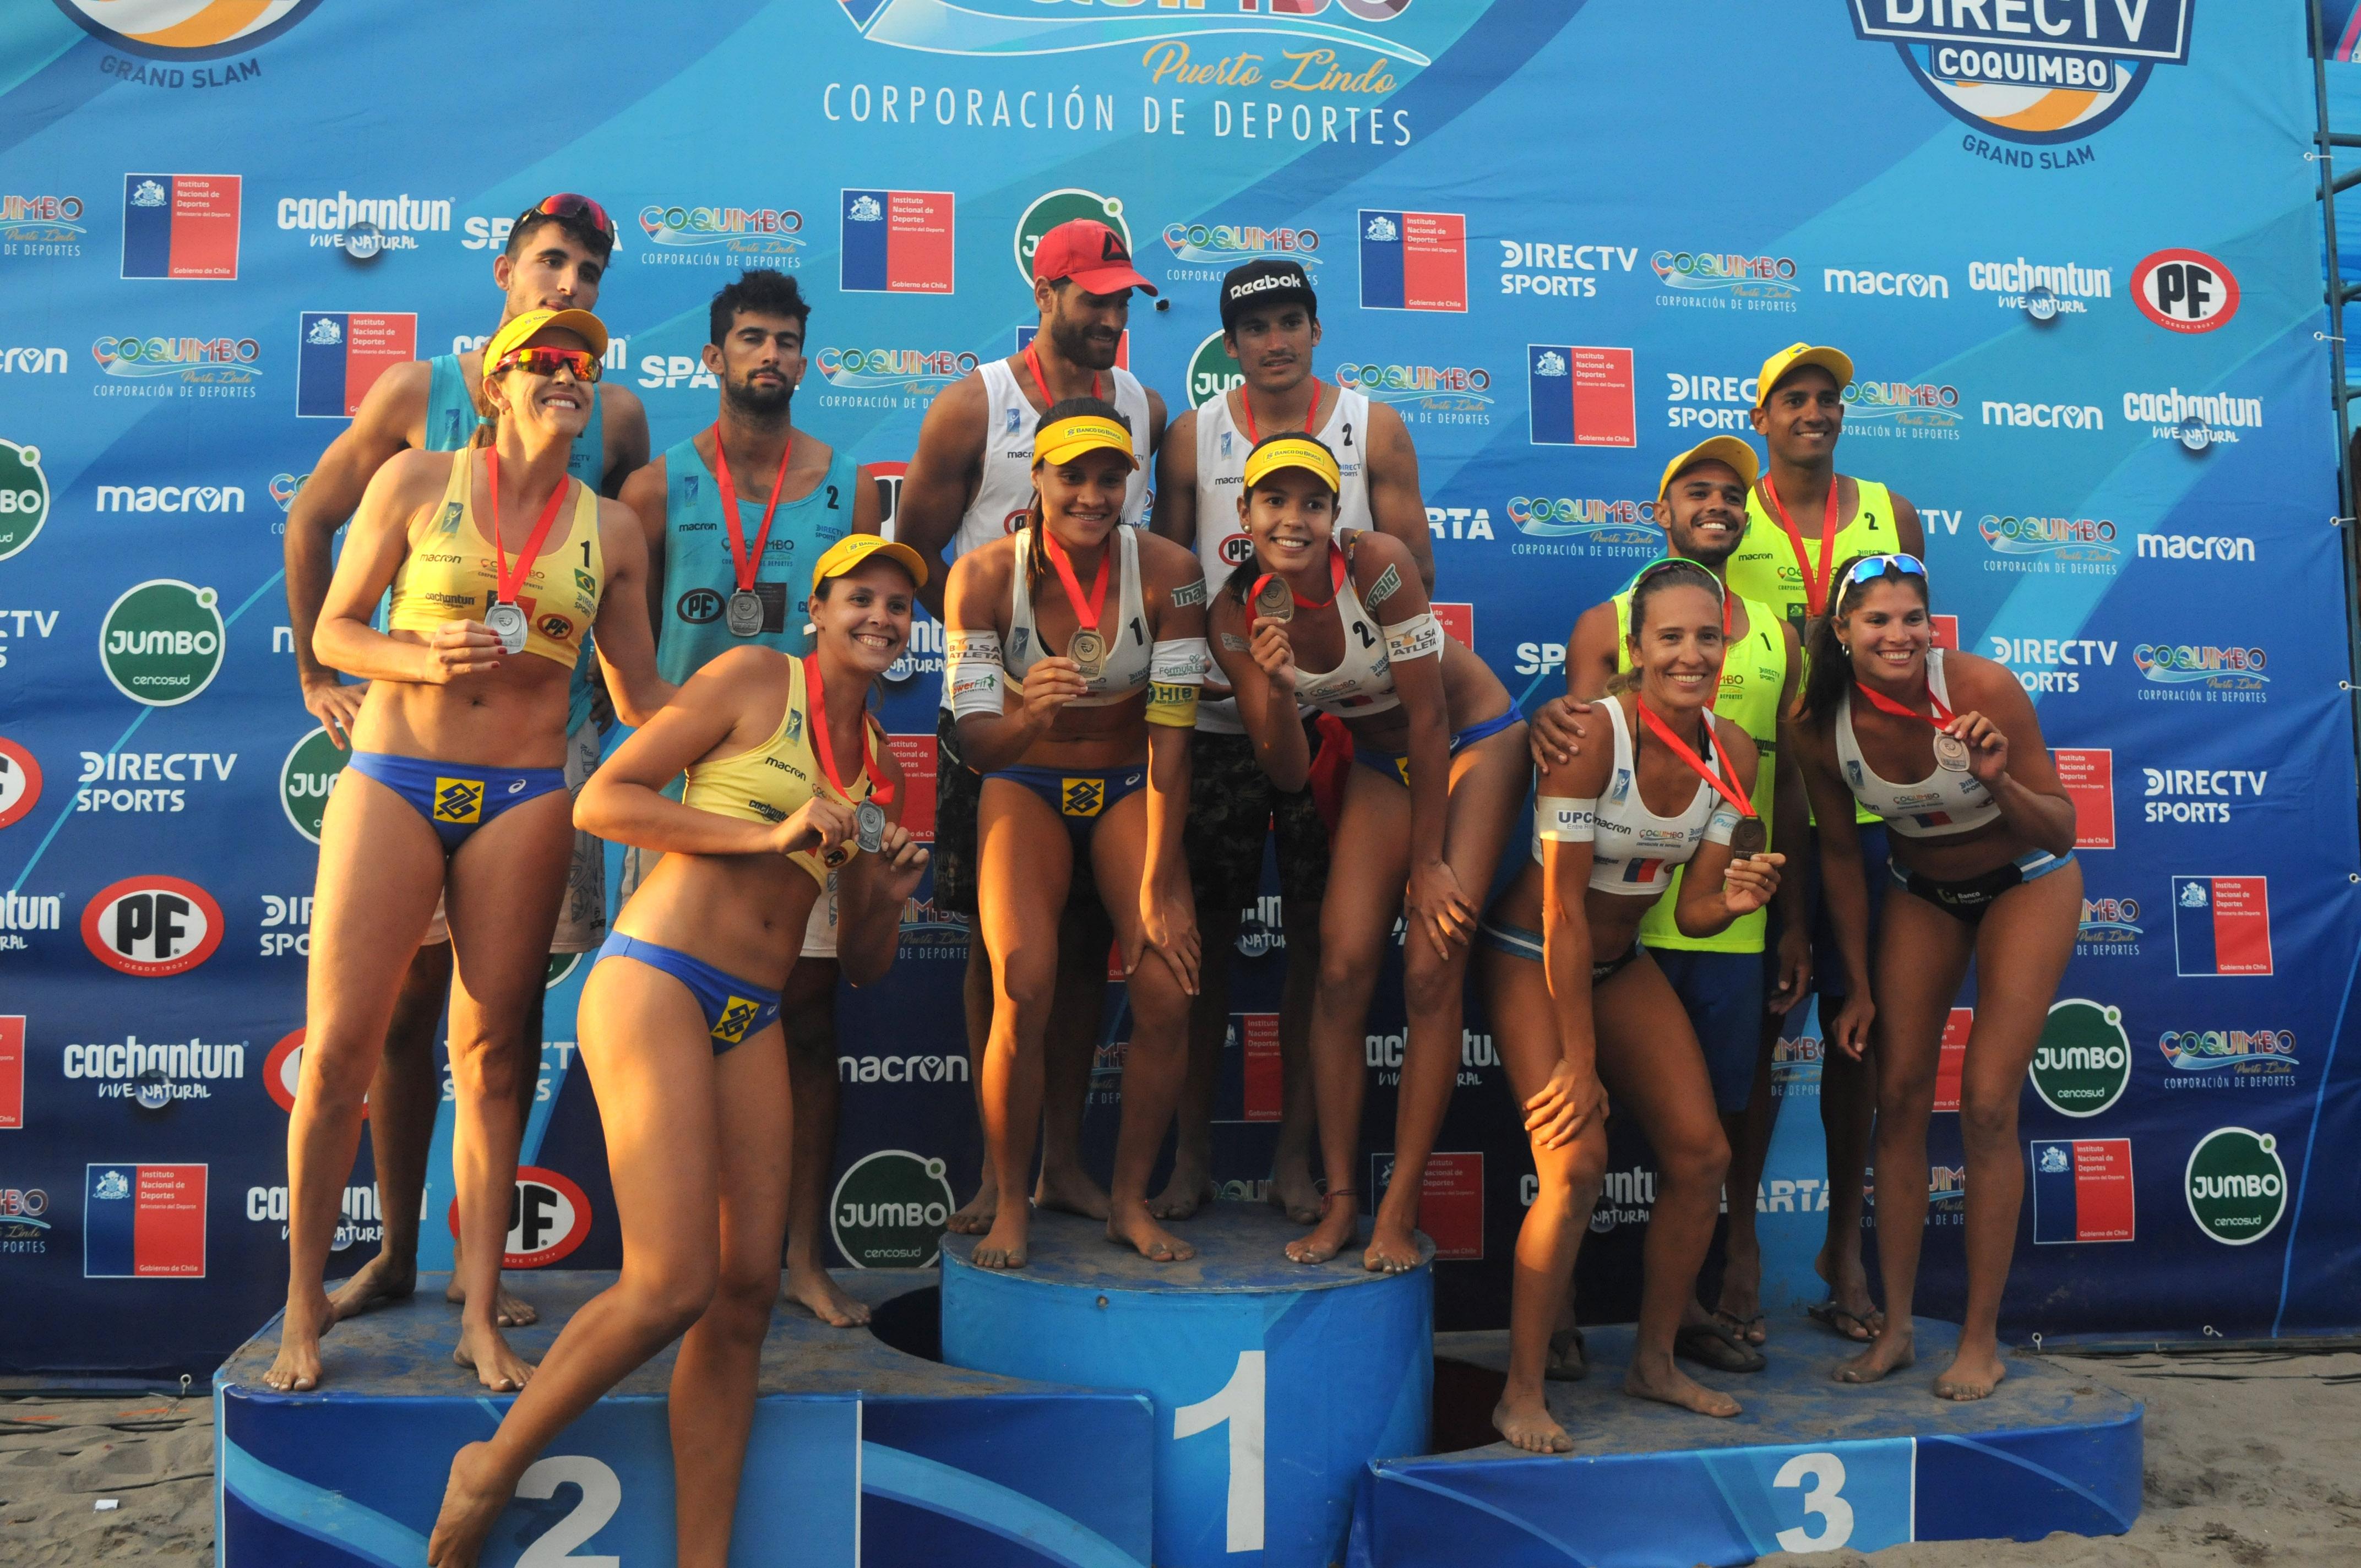 Brasil domina e leva ouro, prata e bronze em etapa de Coquimbo, no Chile